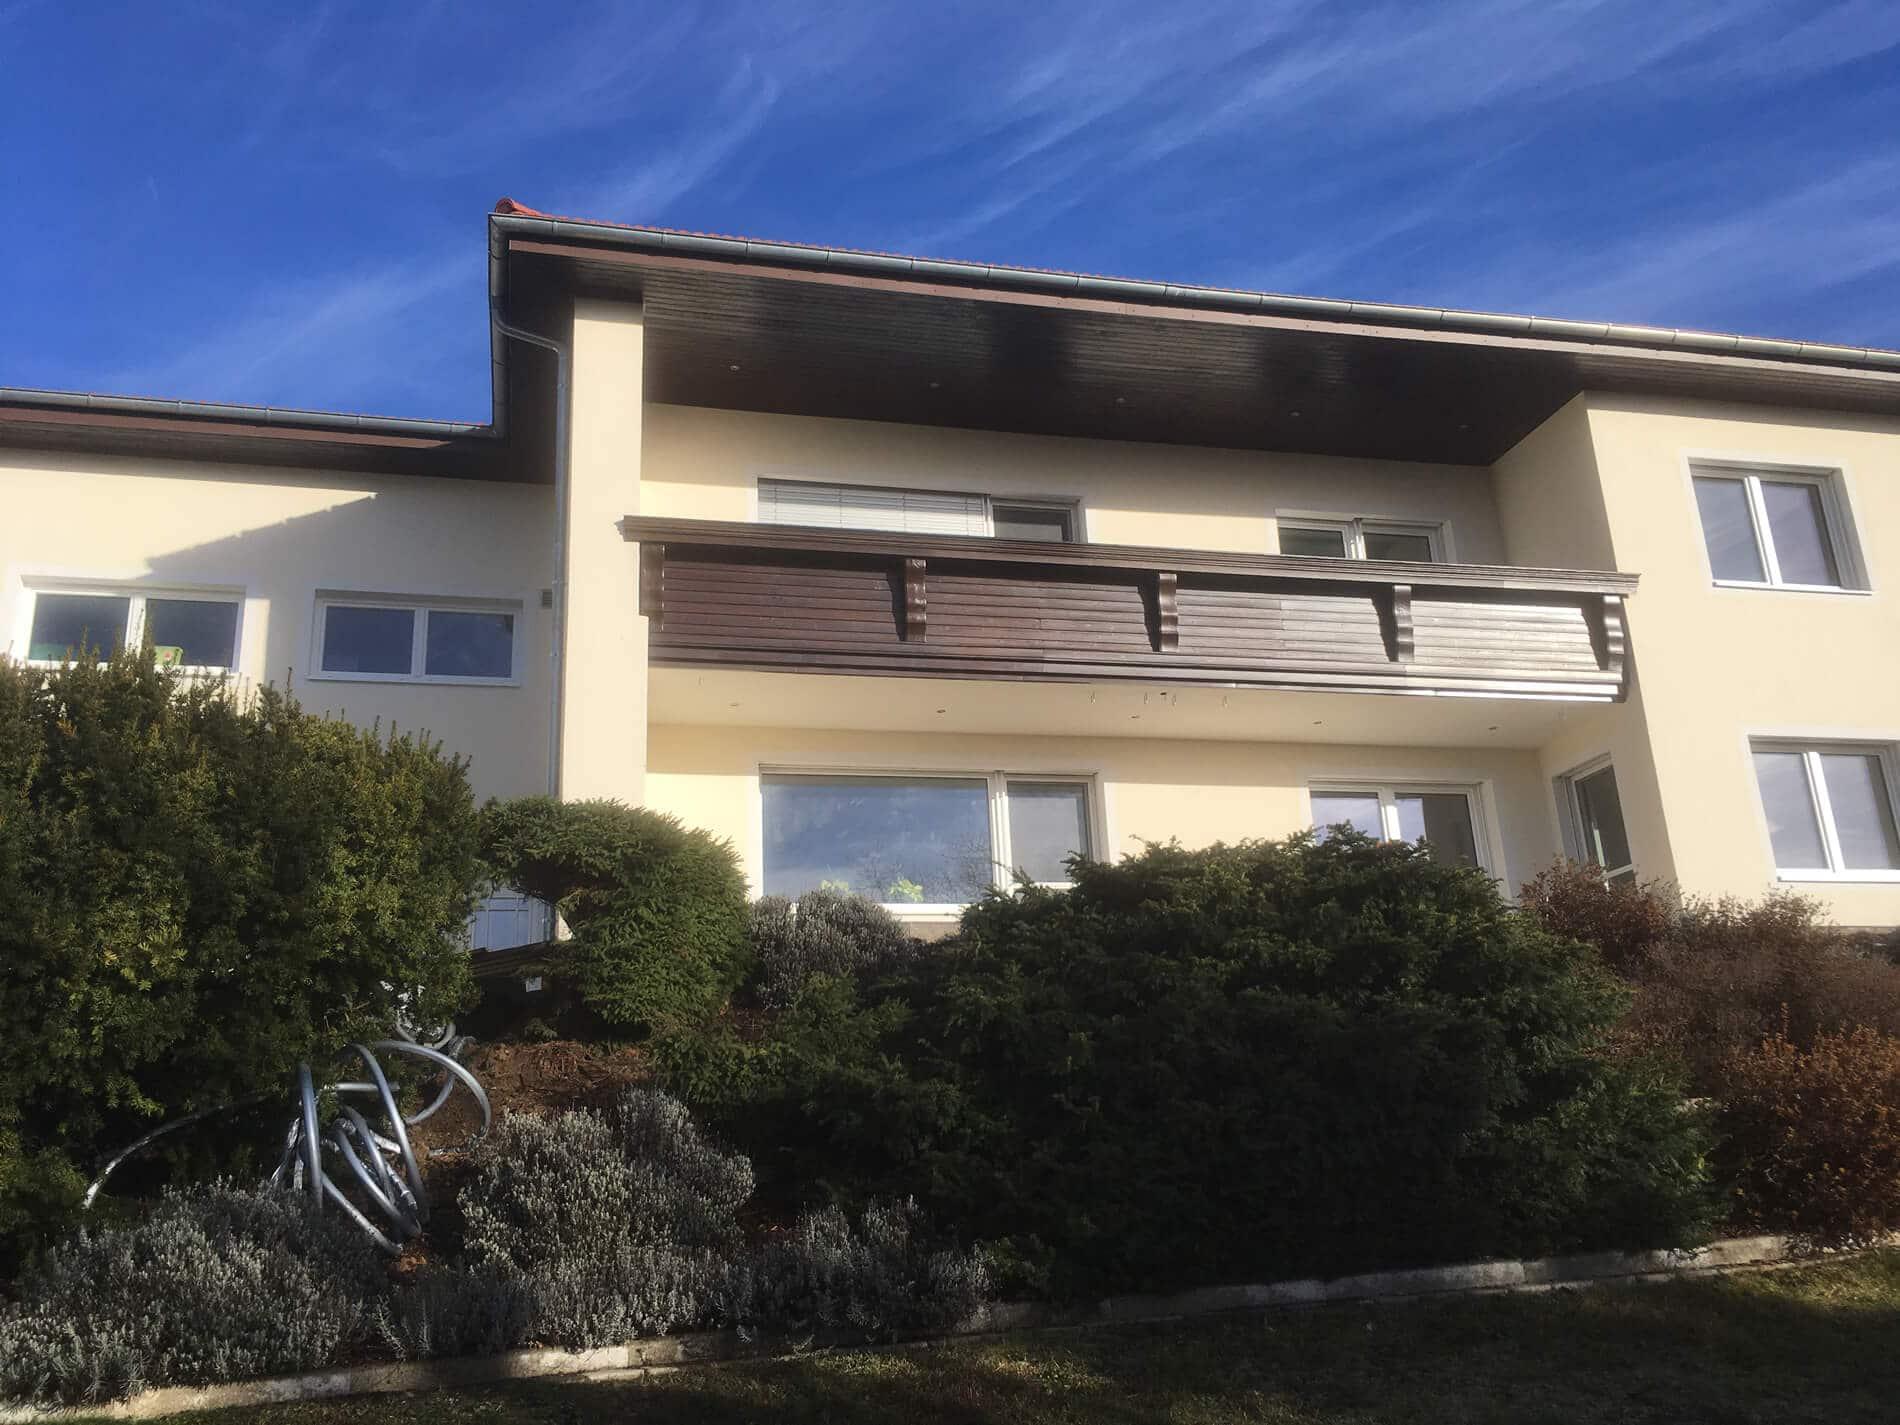 Beispiele Fenstertausch Einfamilienhaus